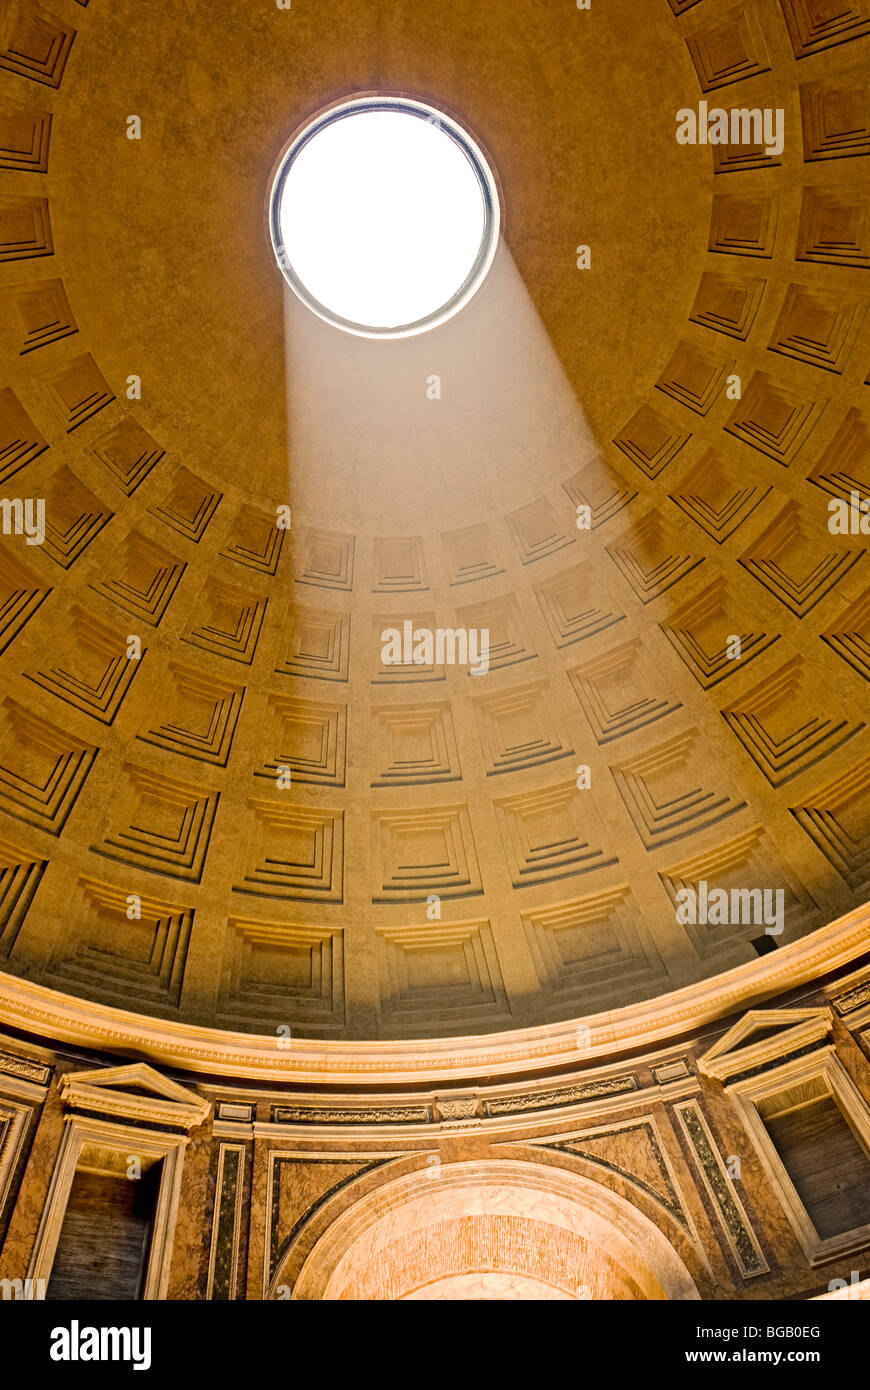 Roma, Italia. Interior del Panteón, en la Piazza della Rotonda El Oculus y el artesonado. Imagen De Stock